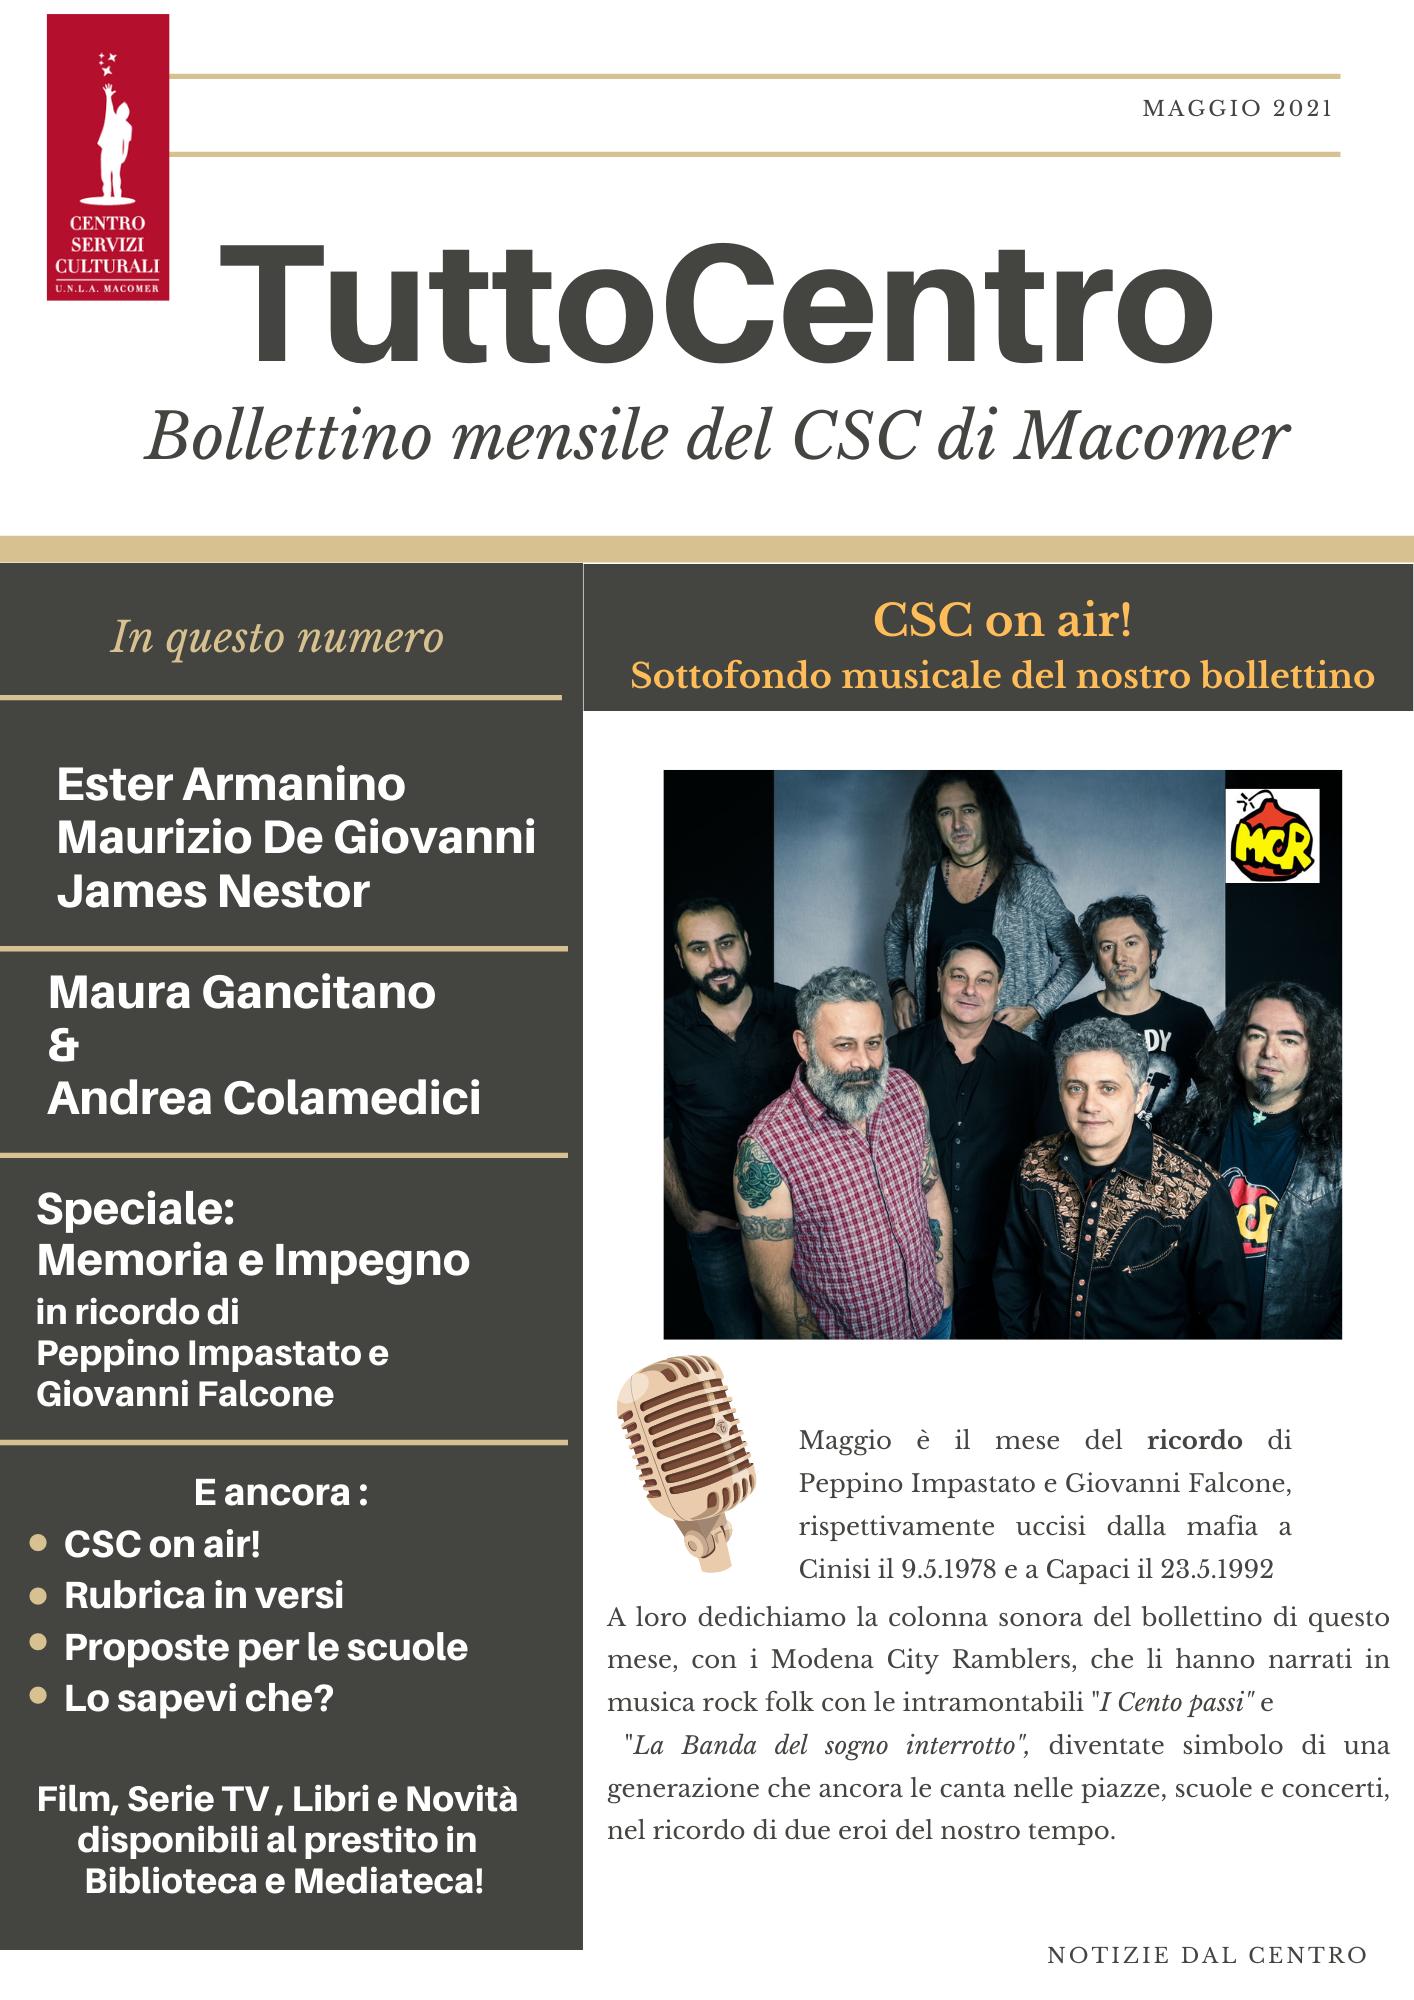 TuttoCentro – Maggio. Bollettino mensile del Centro Servizi Culturali di Macomer.